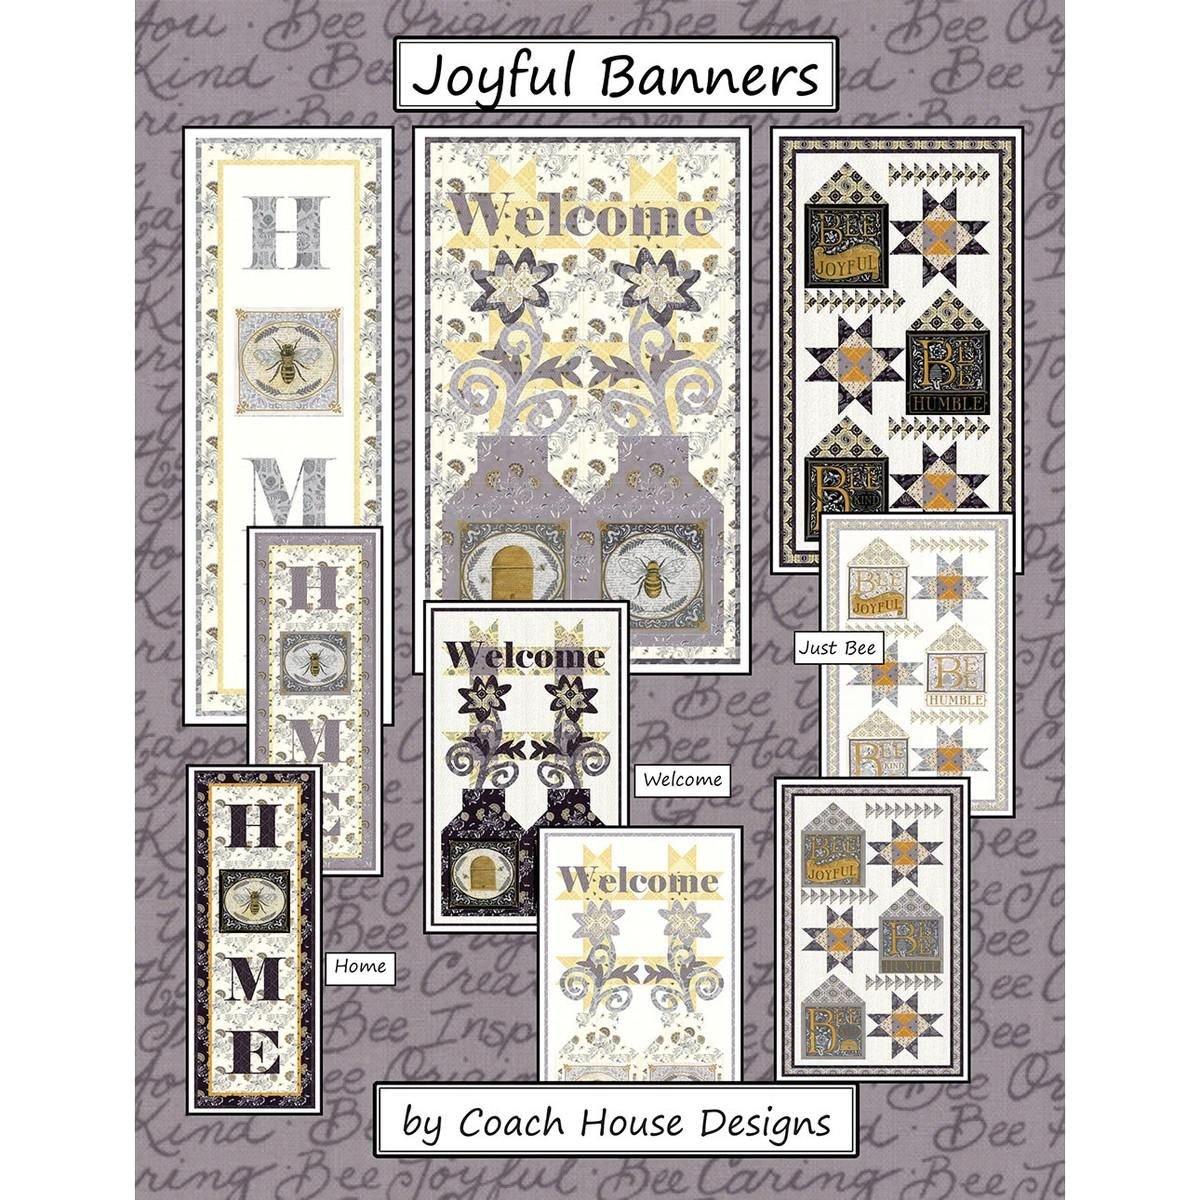 Bee Joyful 3 Banners Kit Dark (black) Colorway by Deb Strain